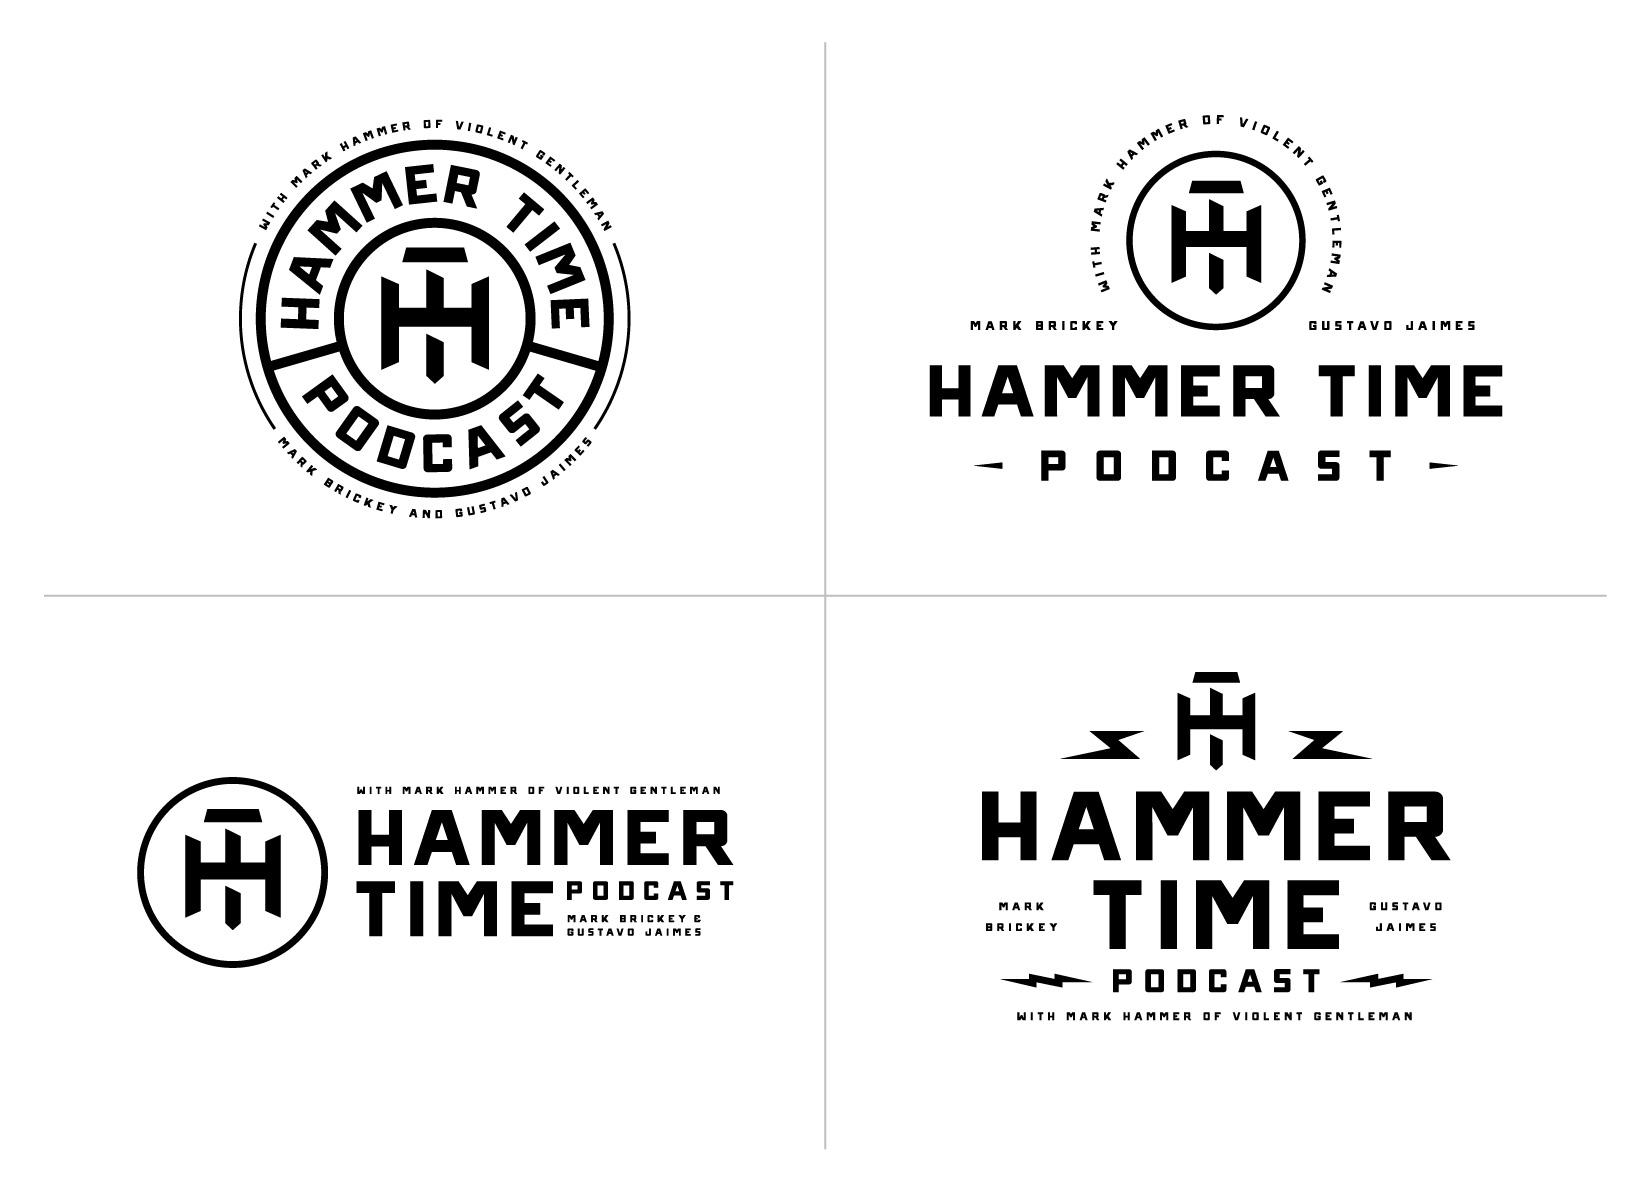 hammertime_logo_comp6.jpg